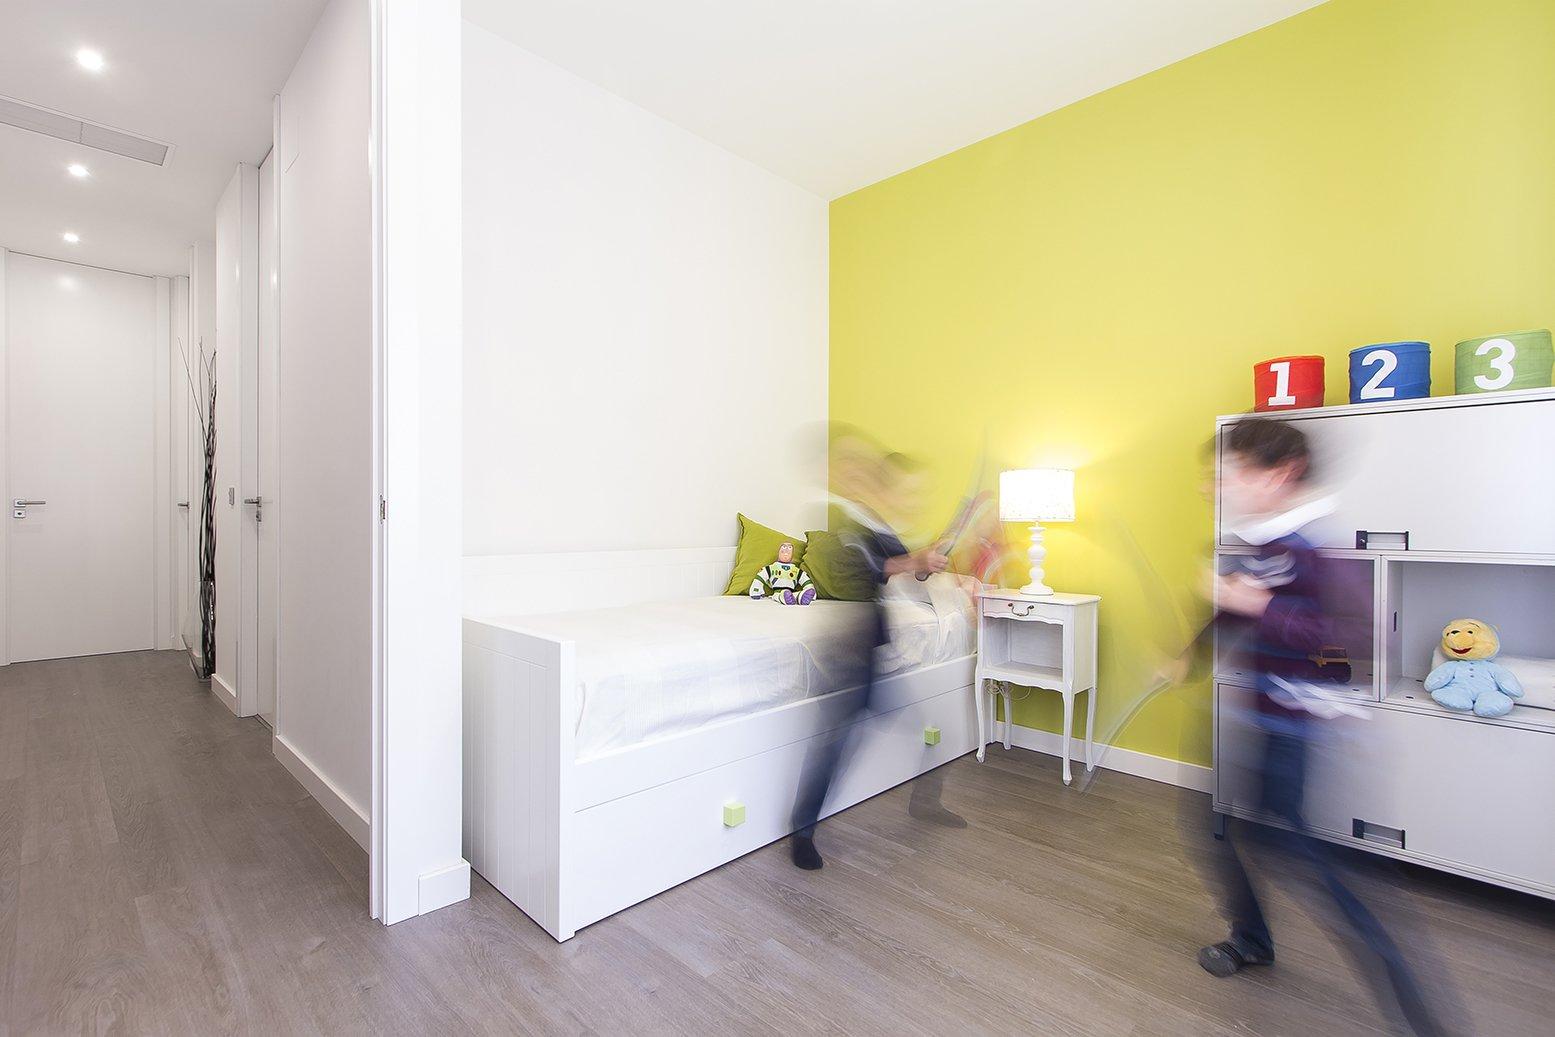 005.GEB - Apartment Refurbishment in Madrid Photo: Carlos Antón Photography ©  005.GEB by estudio AMÁSL